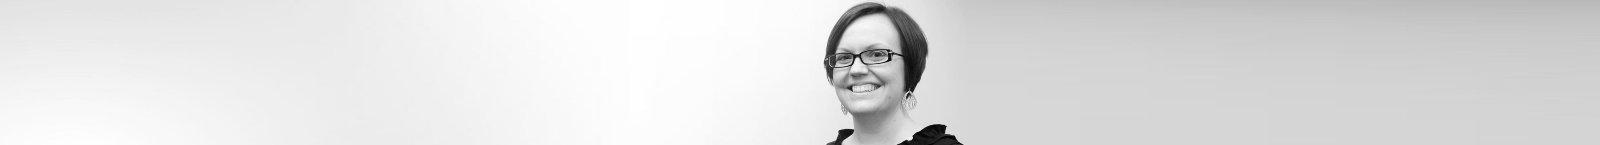 Moseling Melinda Maroochydore Partner   Shine Lawyers